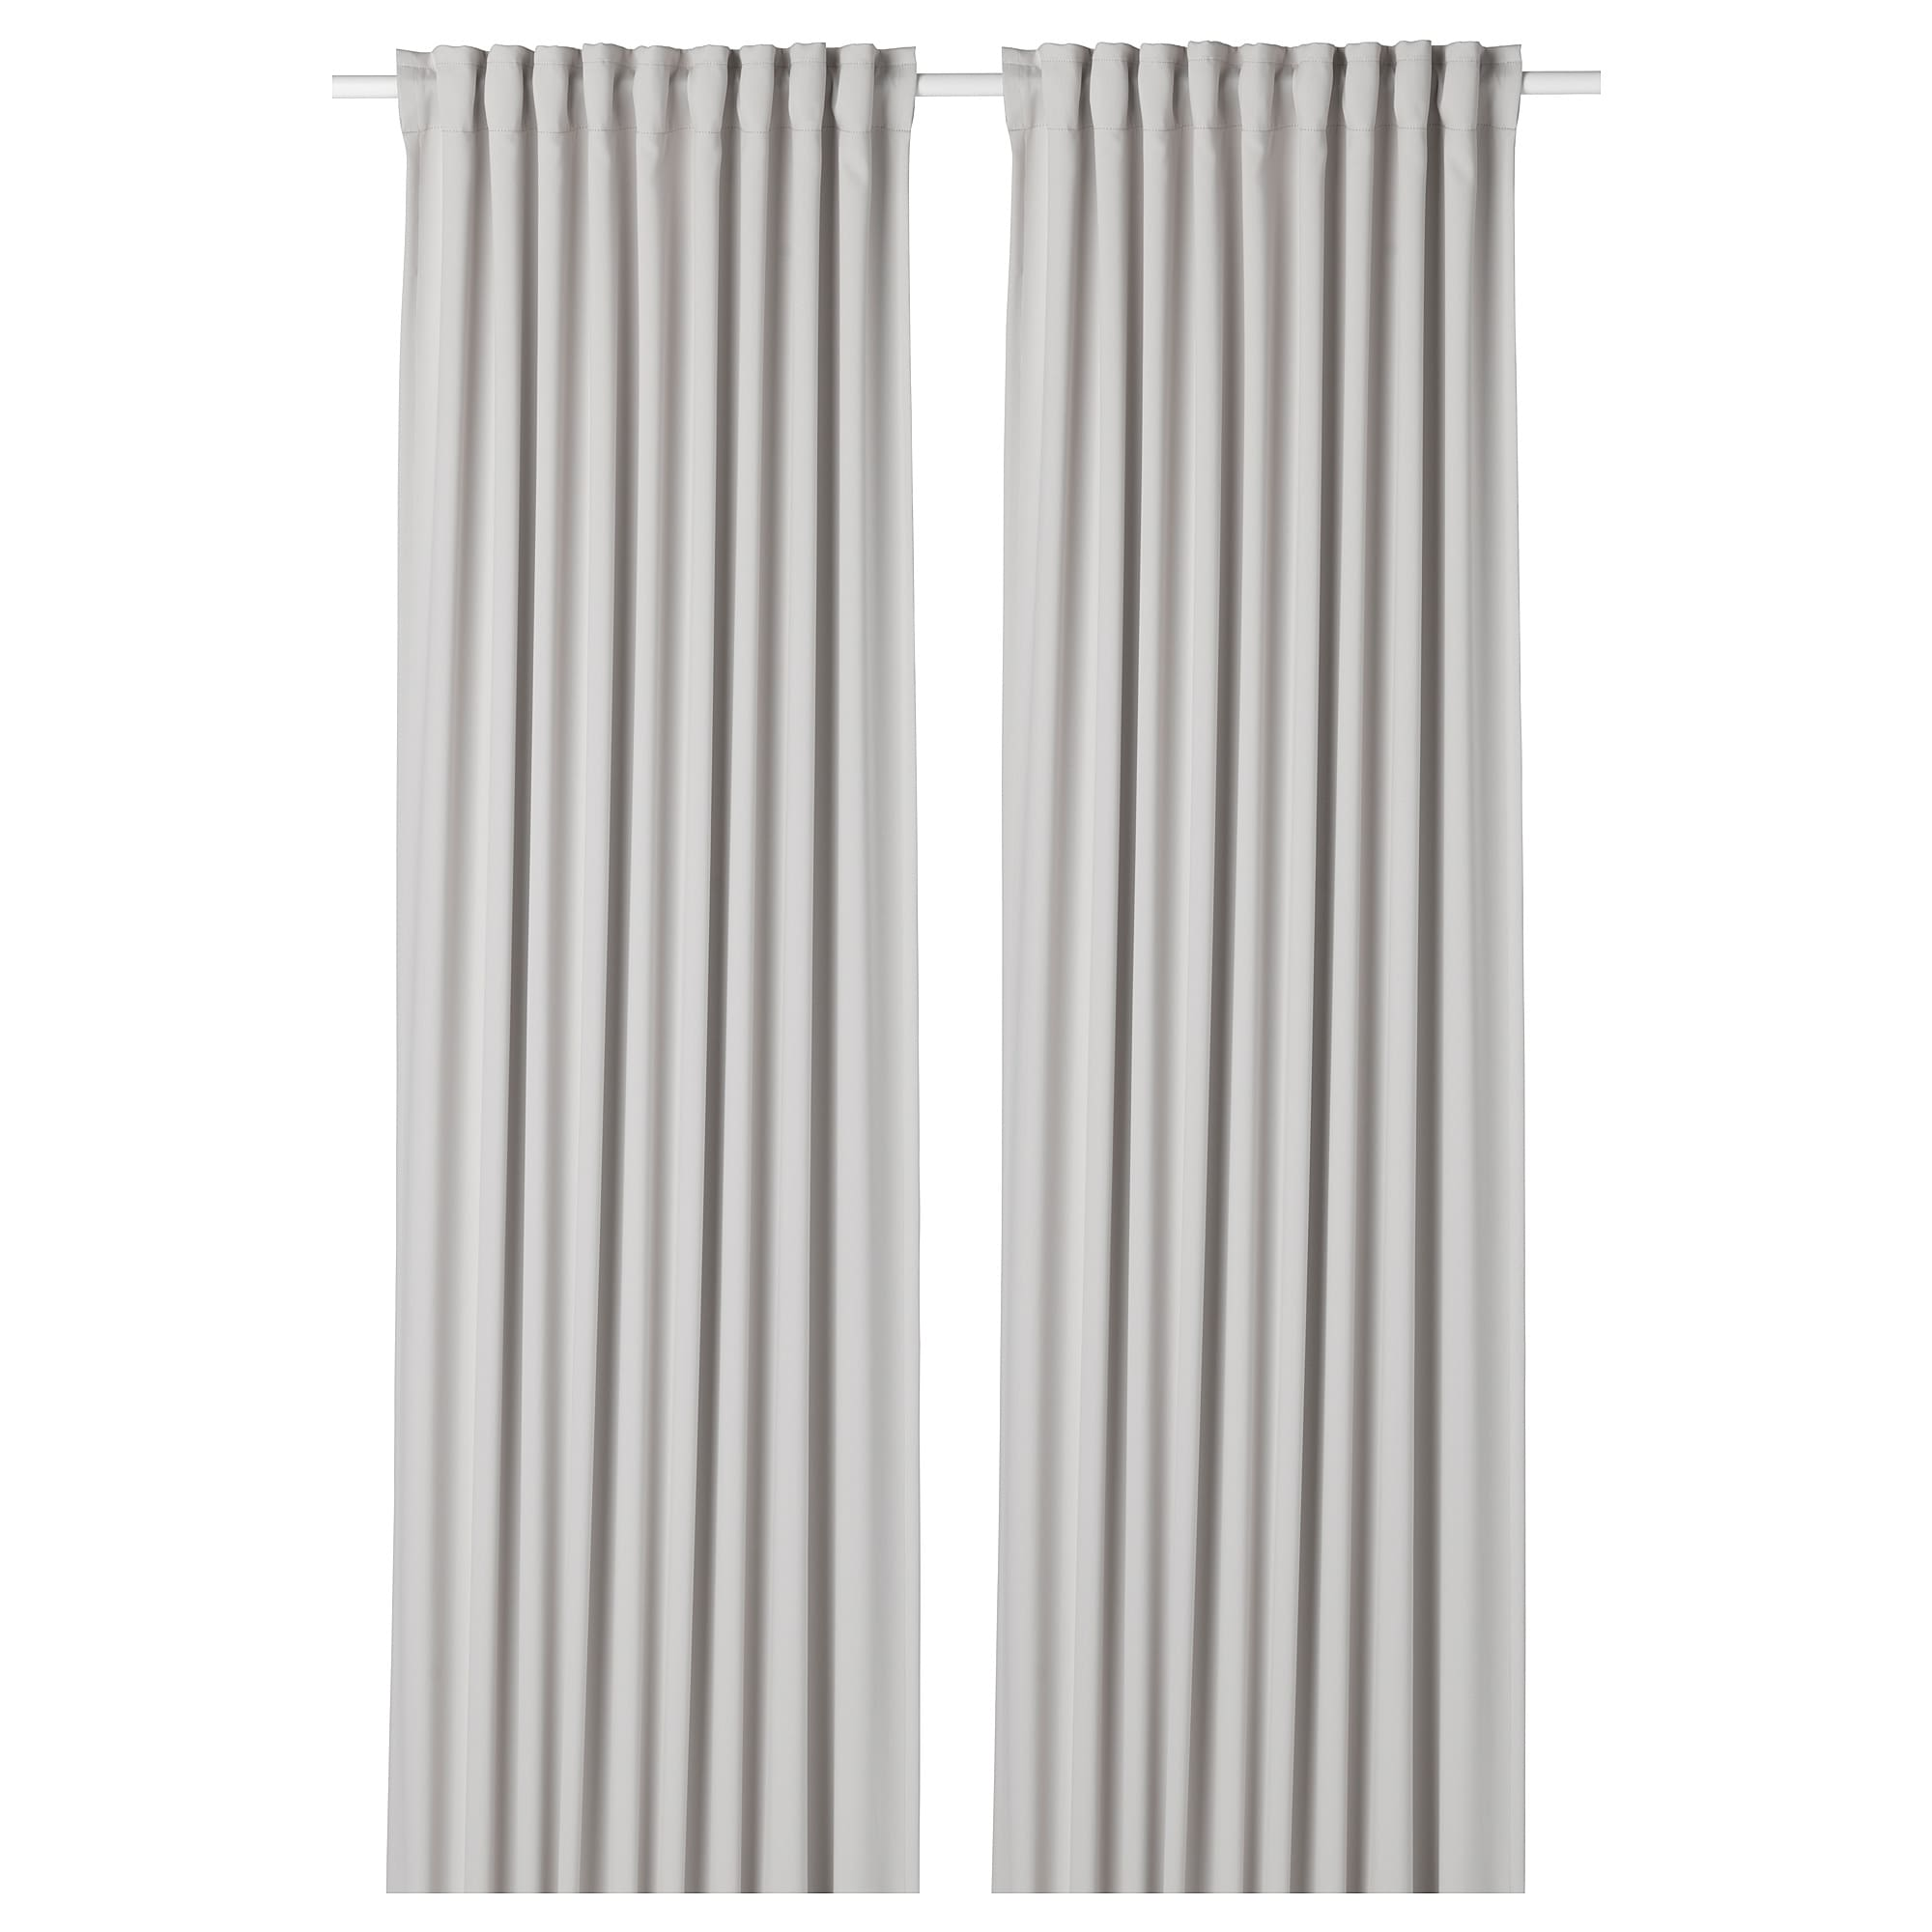 Ikea Majgull Light Gray Room Darkening Curtains 1 Pair In